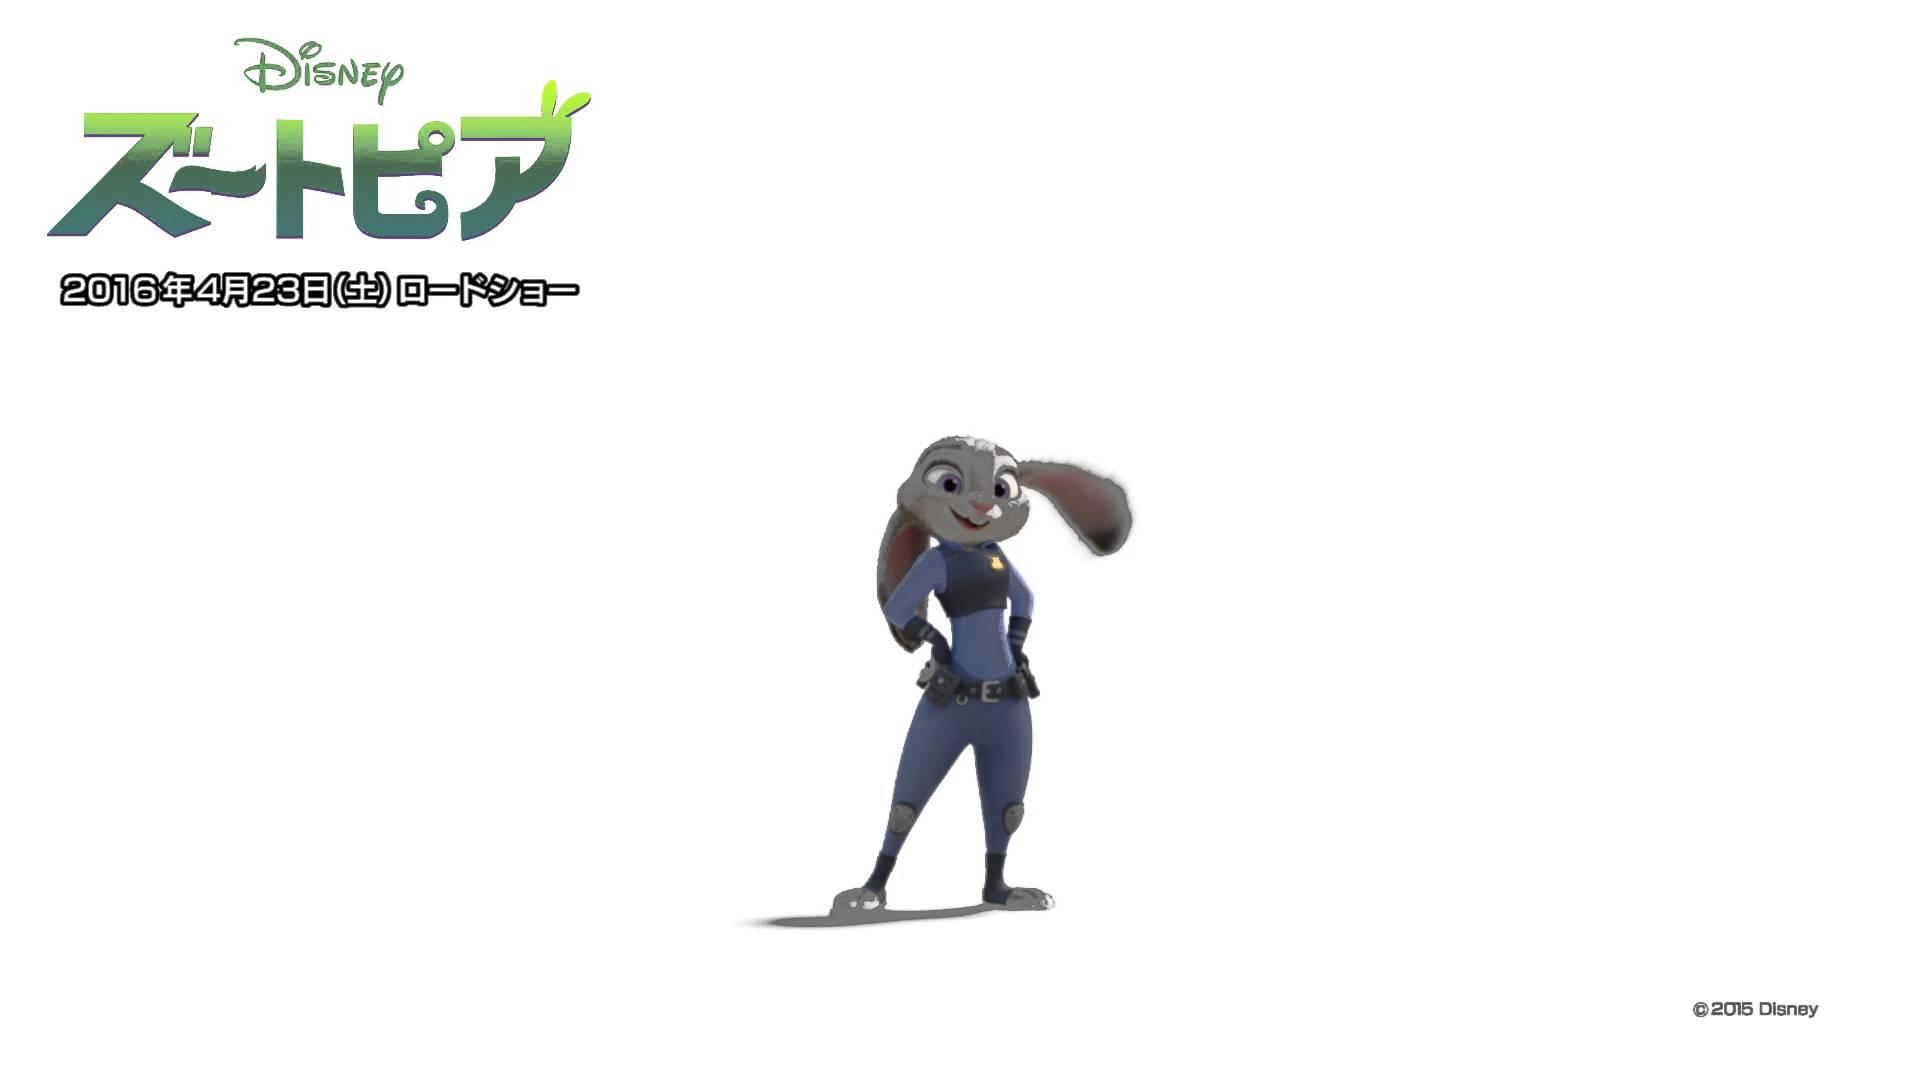 『ズートピア』特別映像「はじめまして、ジュディ・ホップスです!」 #ディズニー #Disney #followme